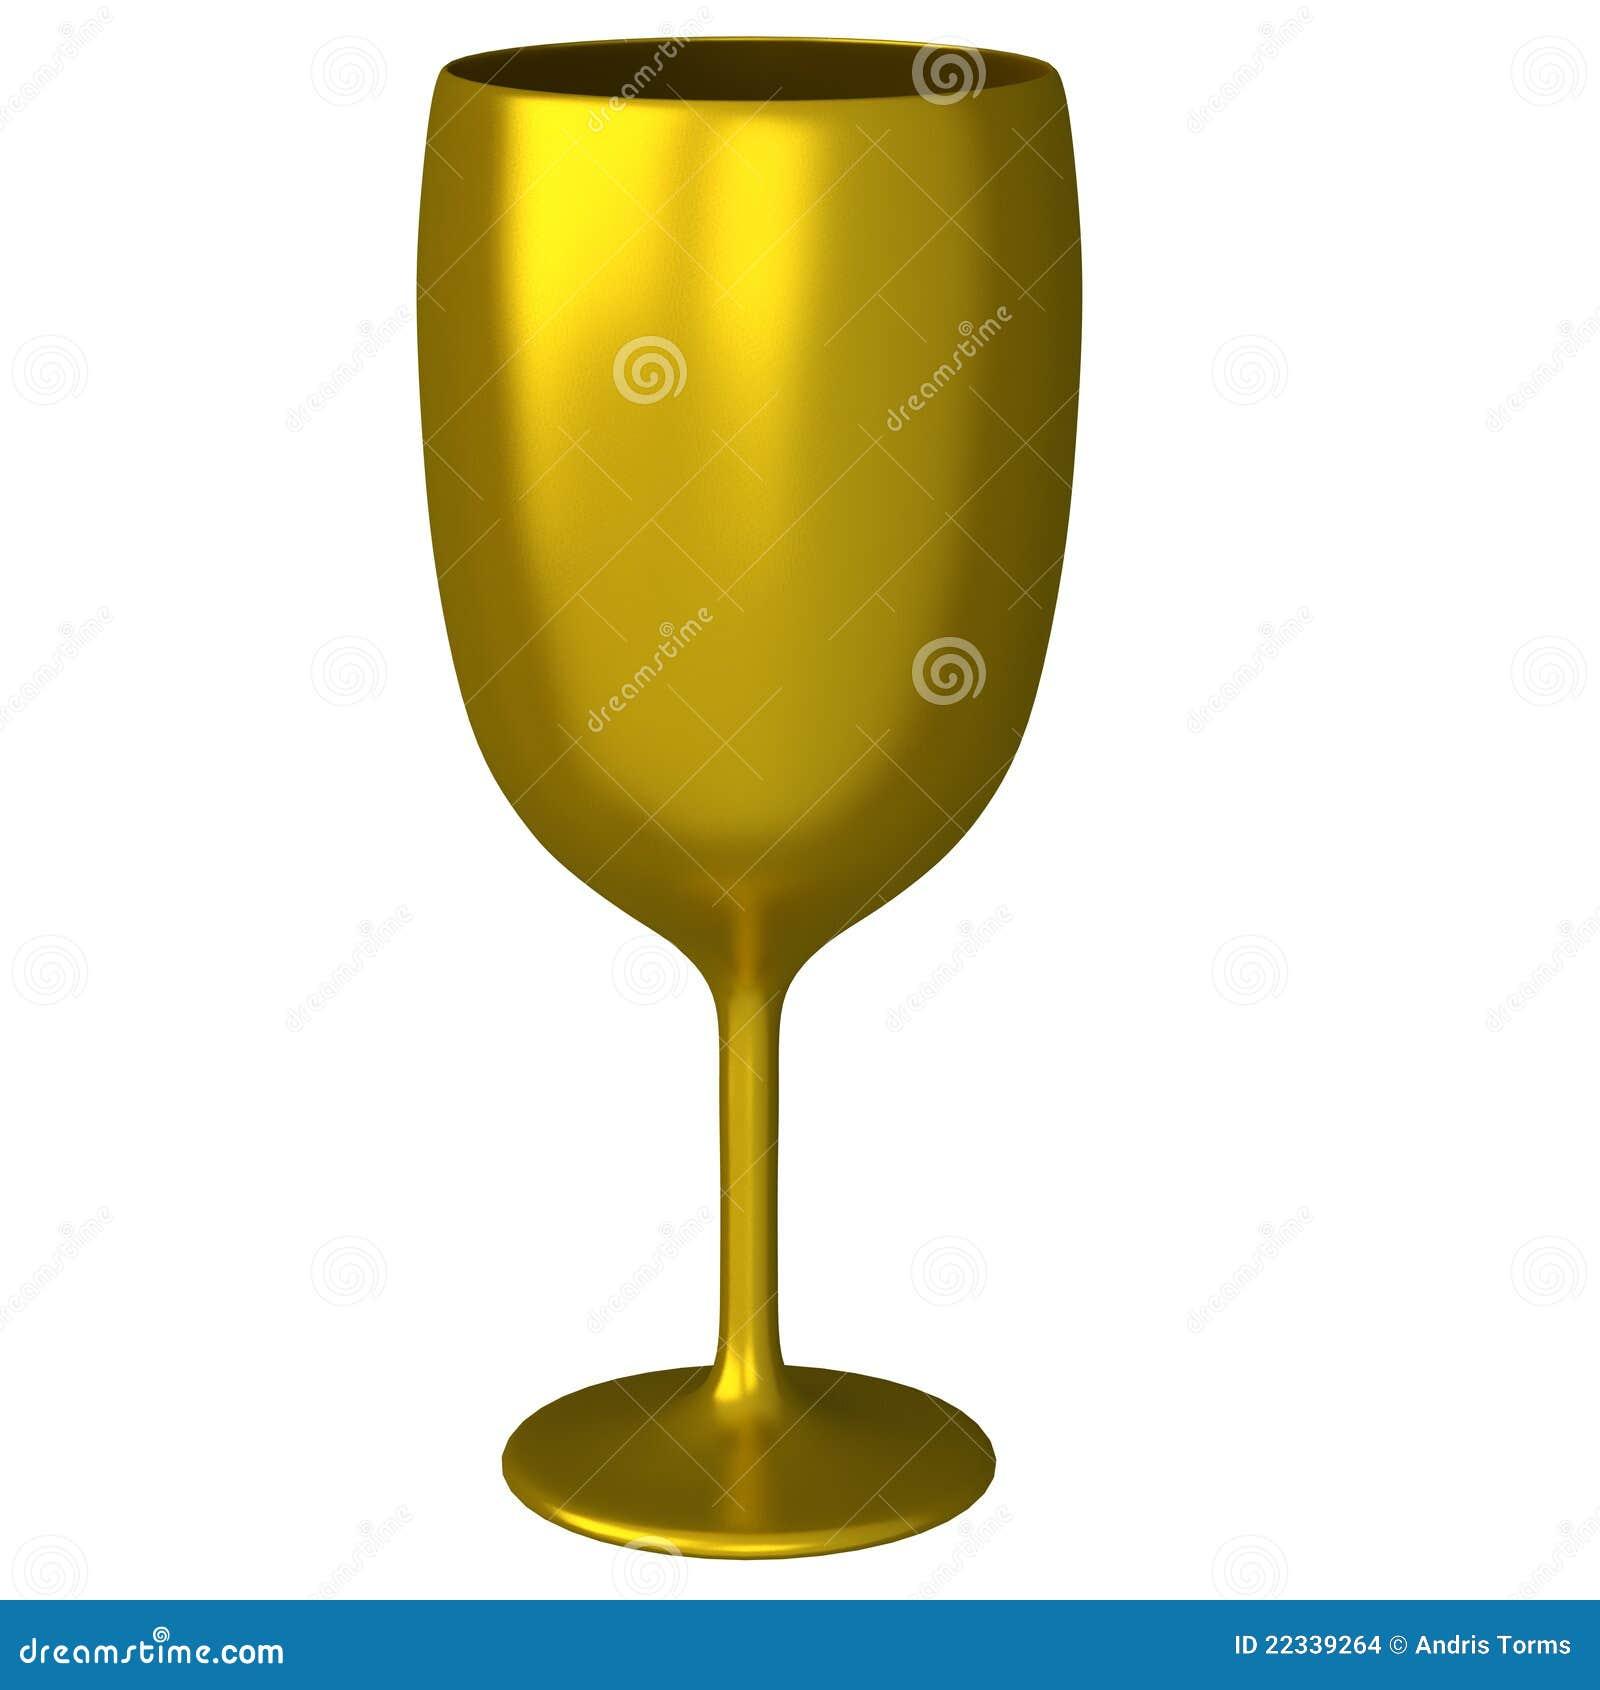 Golden glass 3d